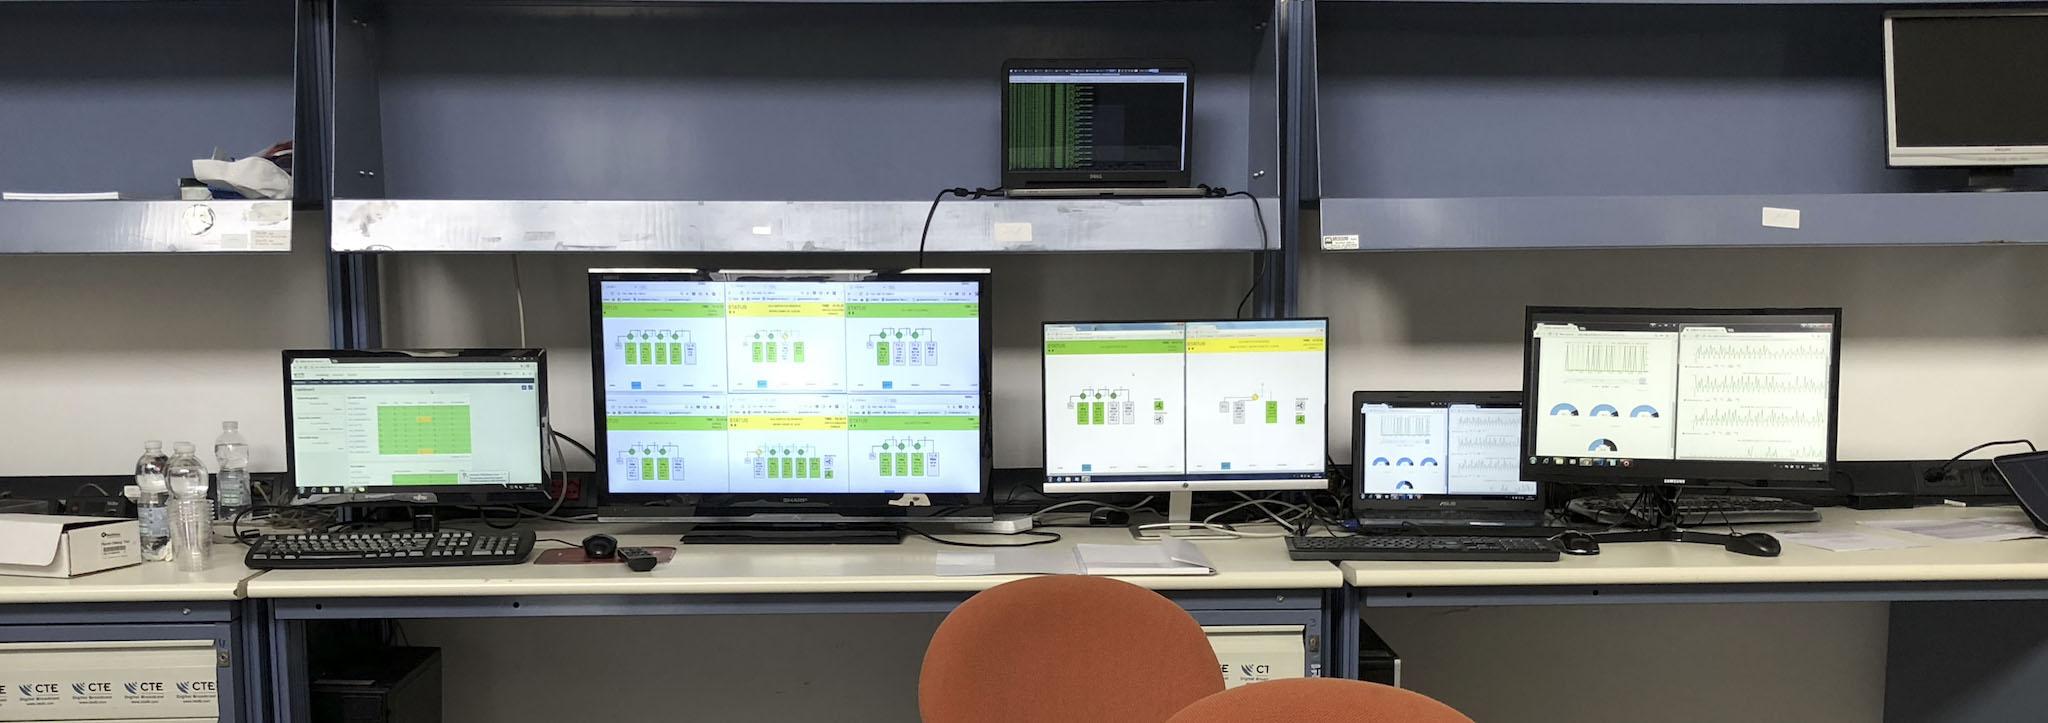 tekobroadcast radio transmitter manufacturer remote control